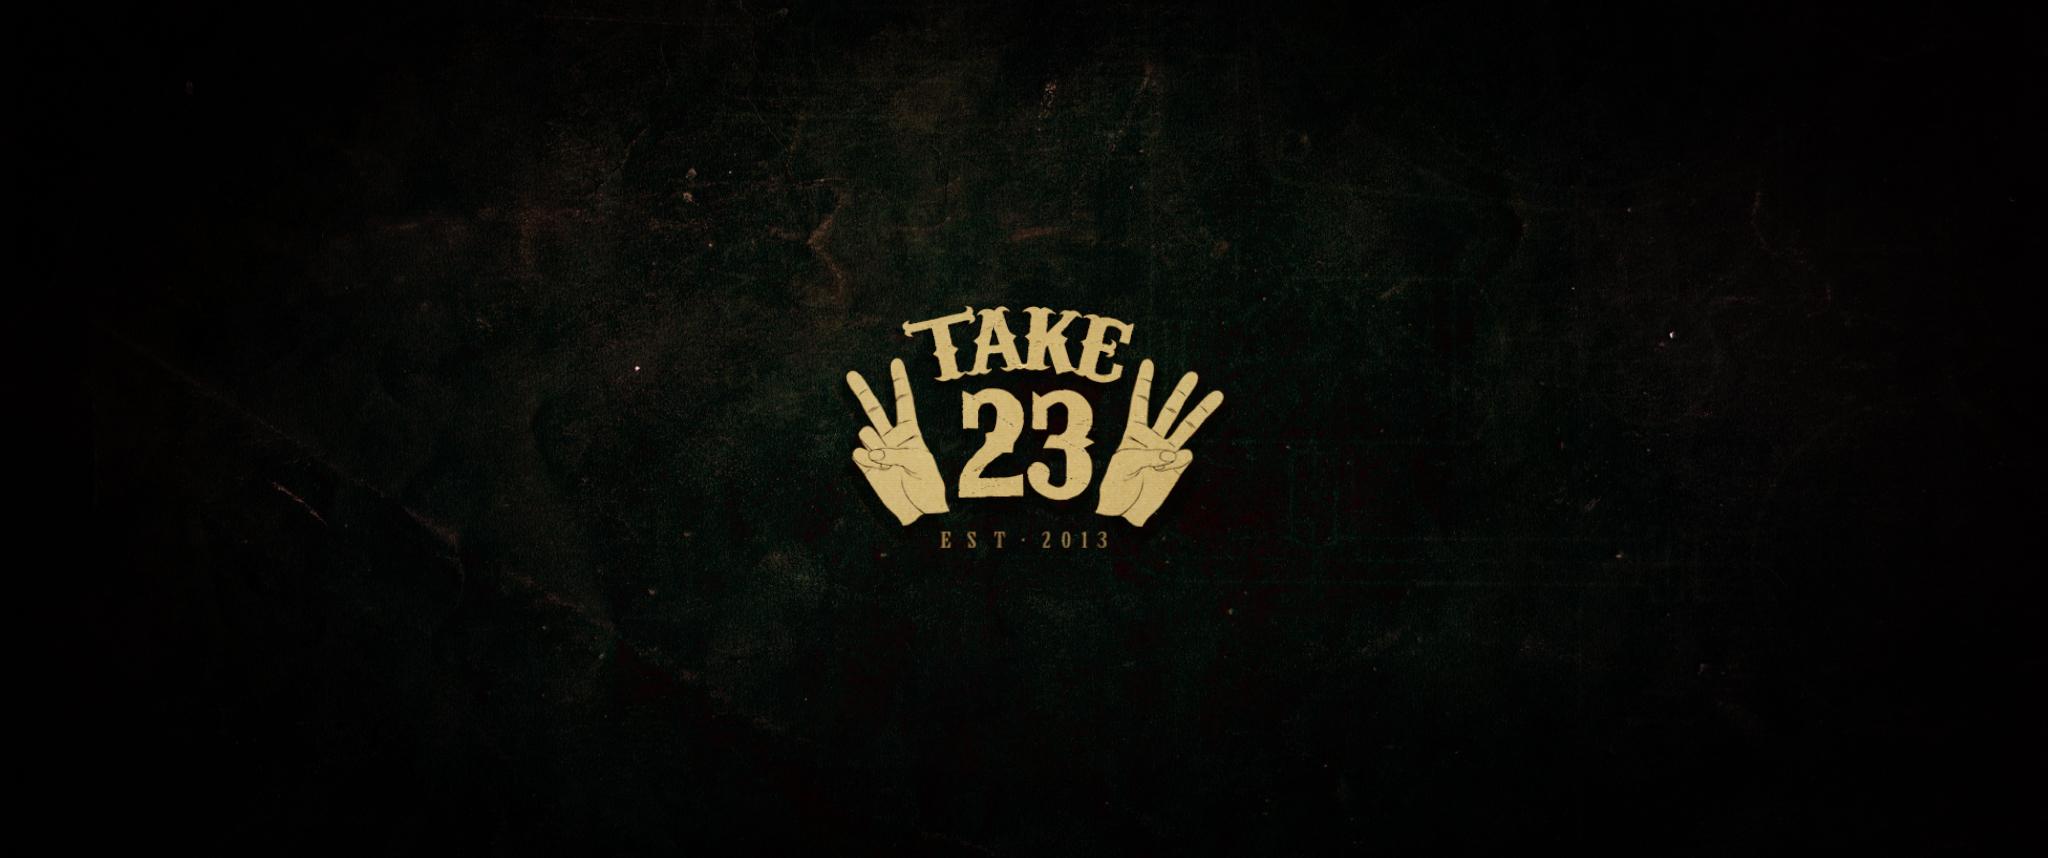 Take23_POP_Titlecard9.jpg